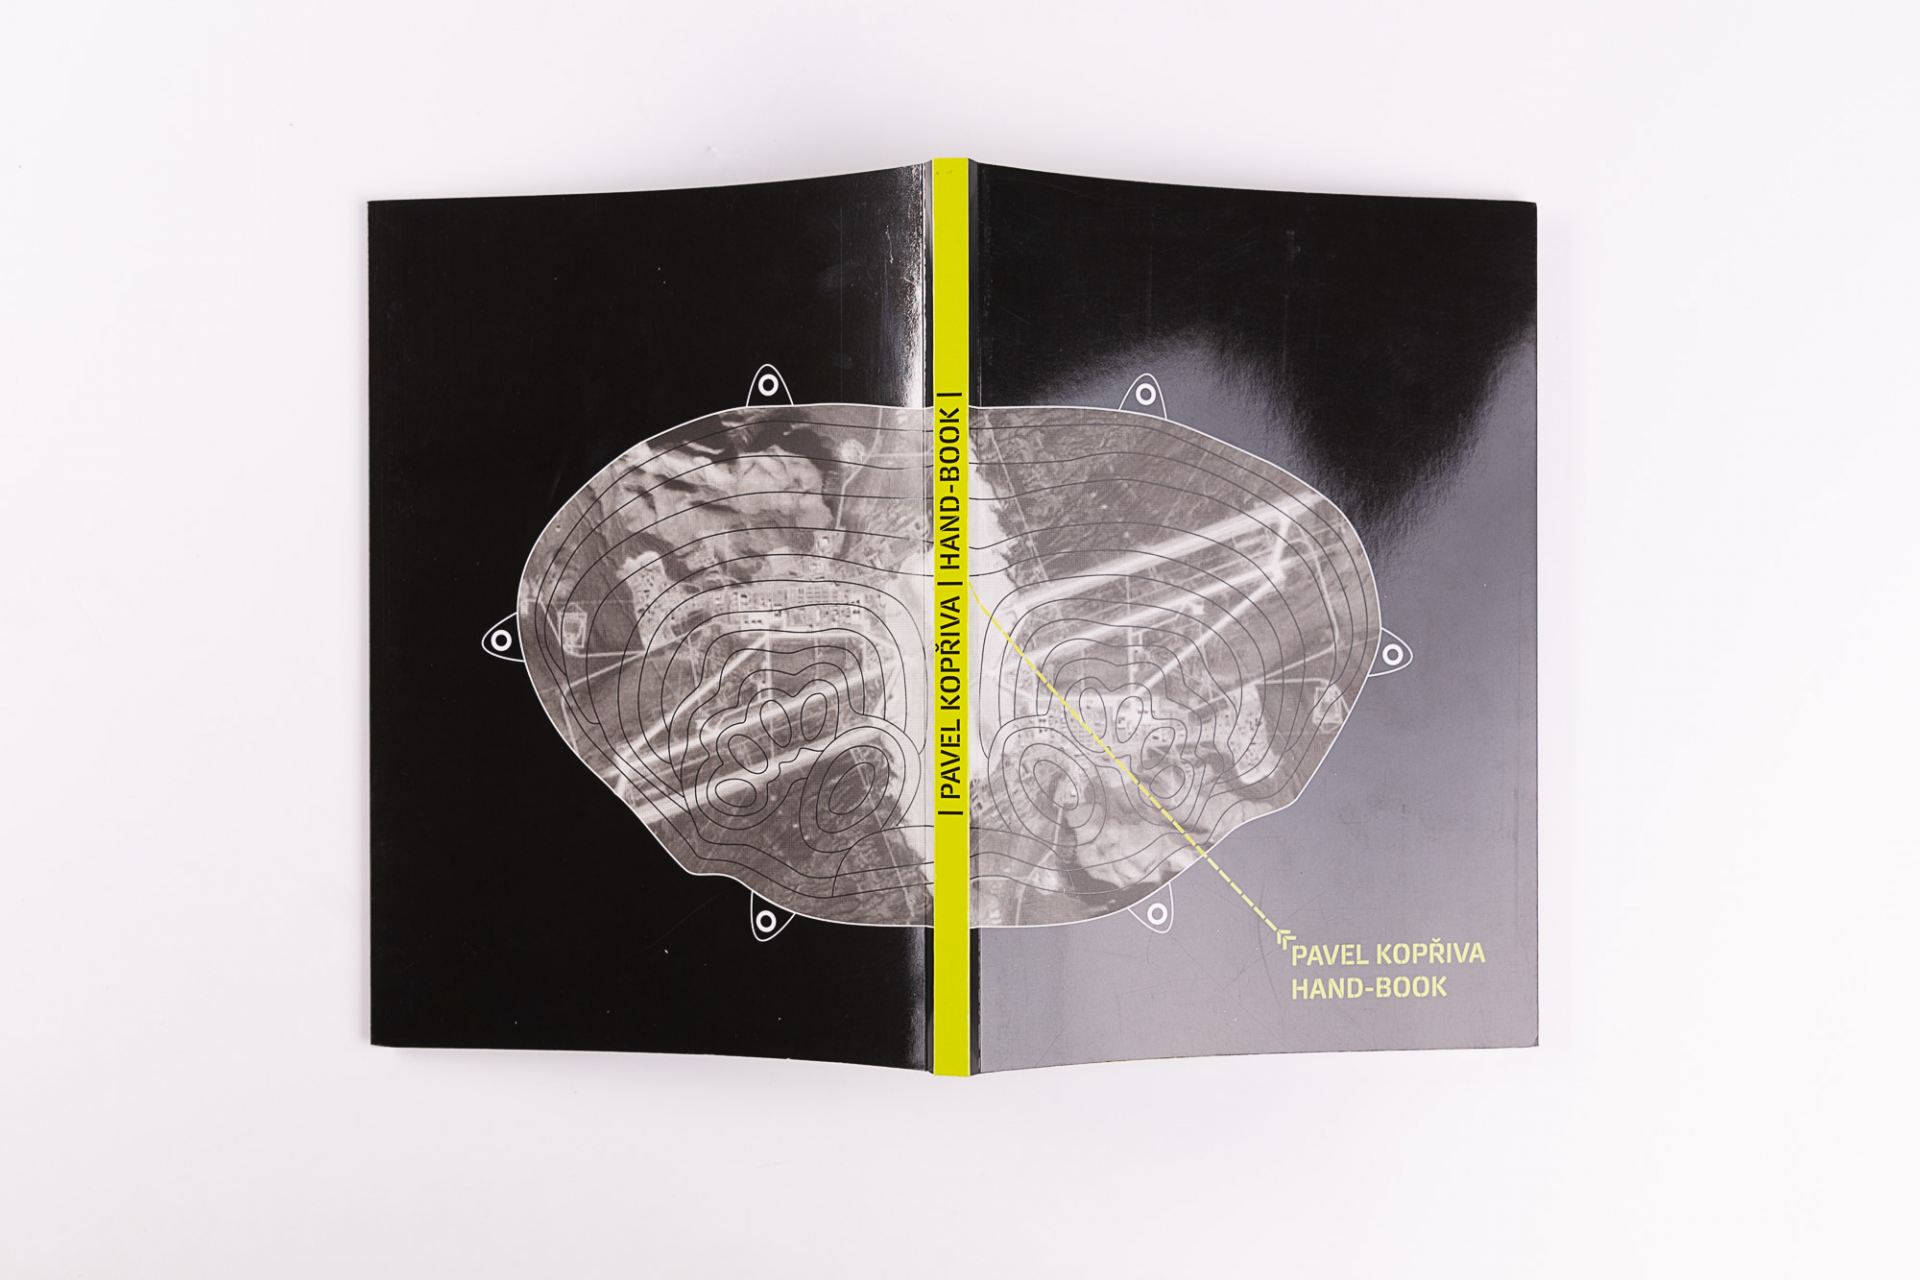 Hand-Book. Pavel Kopřiva. Edice FUD. Foto Tereza Vlasáková